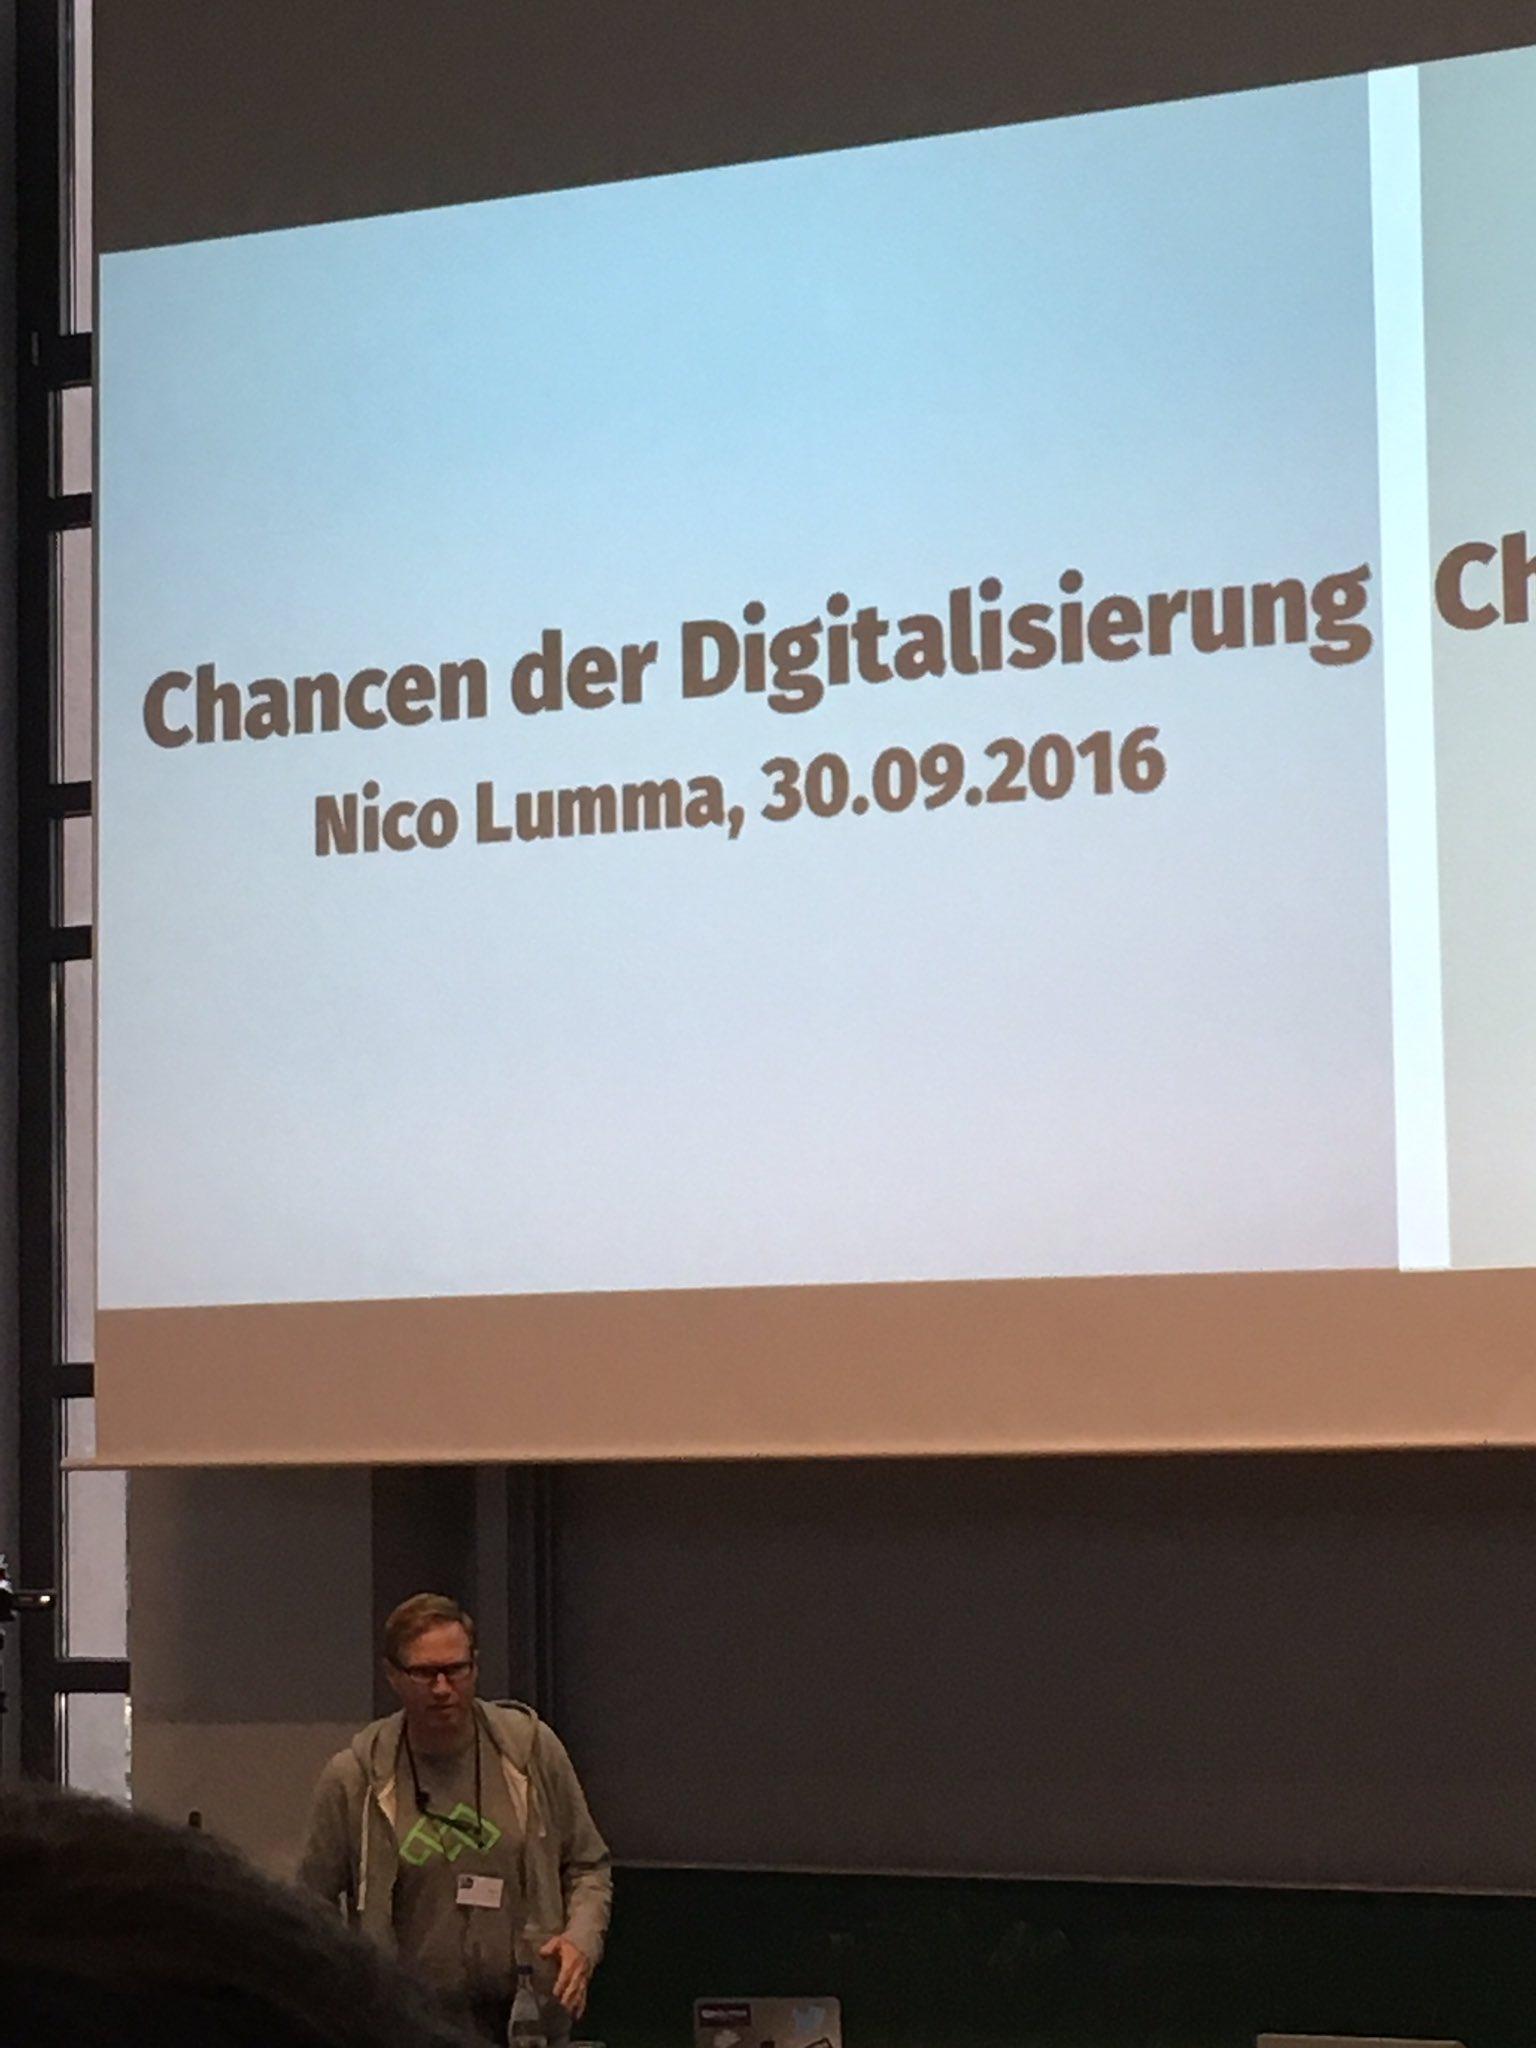 (.PMCampBerlin): RT ellwos: Der Nico mit Shirt vom NMA_vc beim #pmcampber 😍 https://t.co/lIfffT3cg8